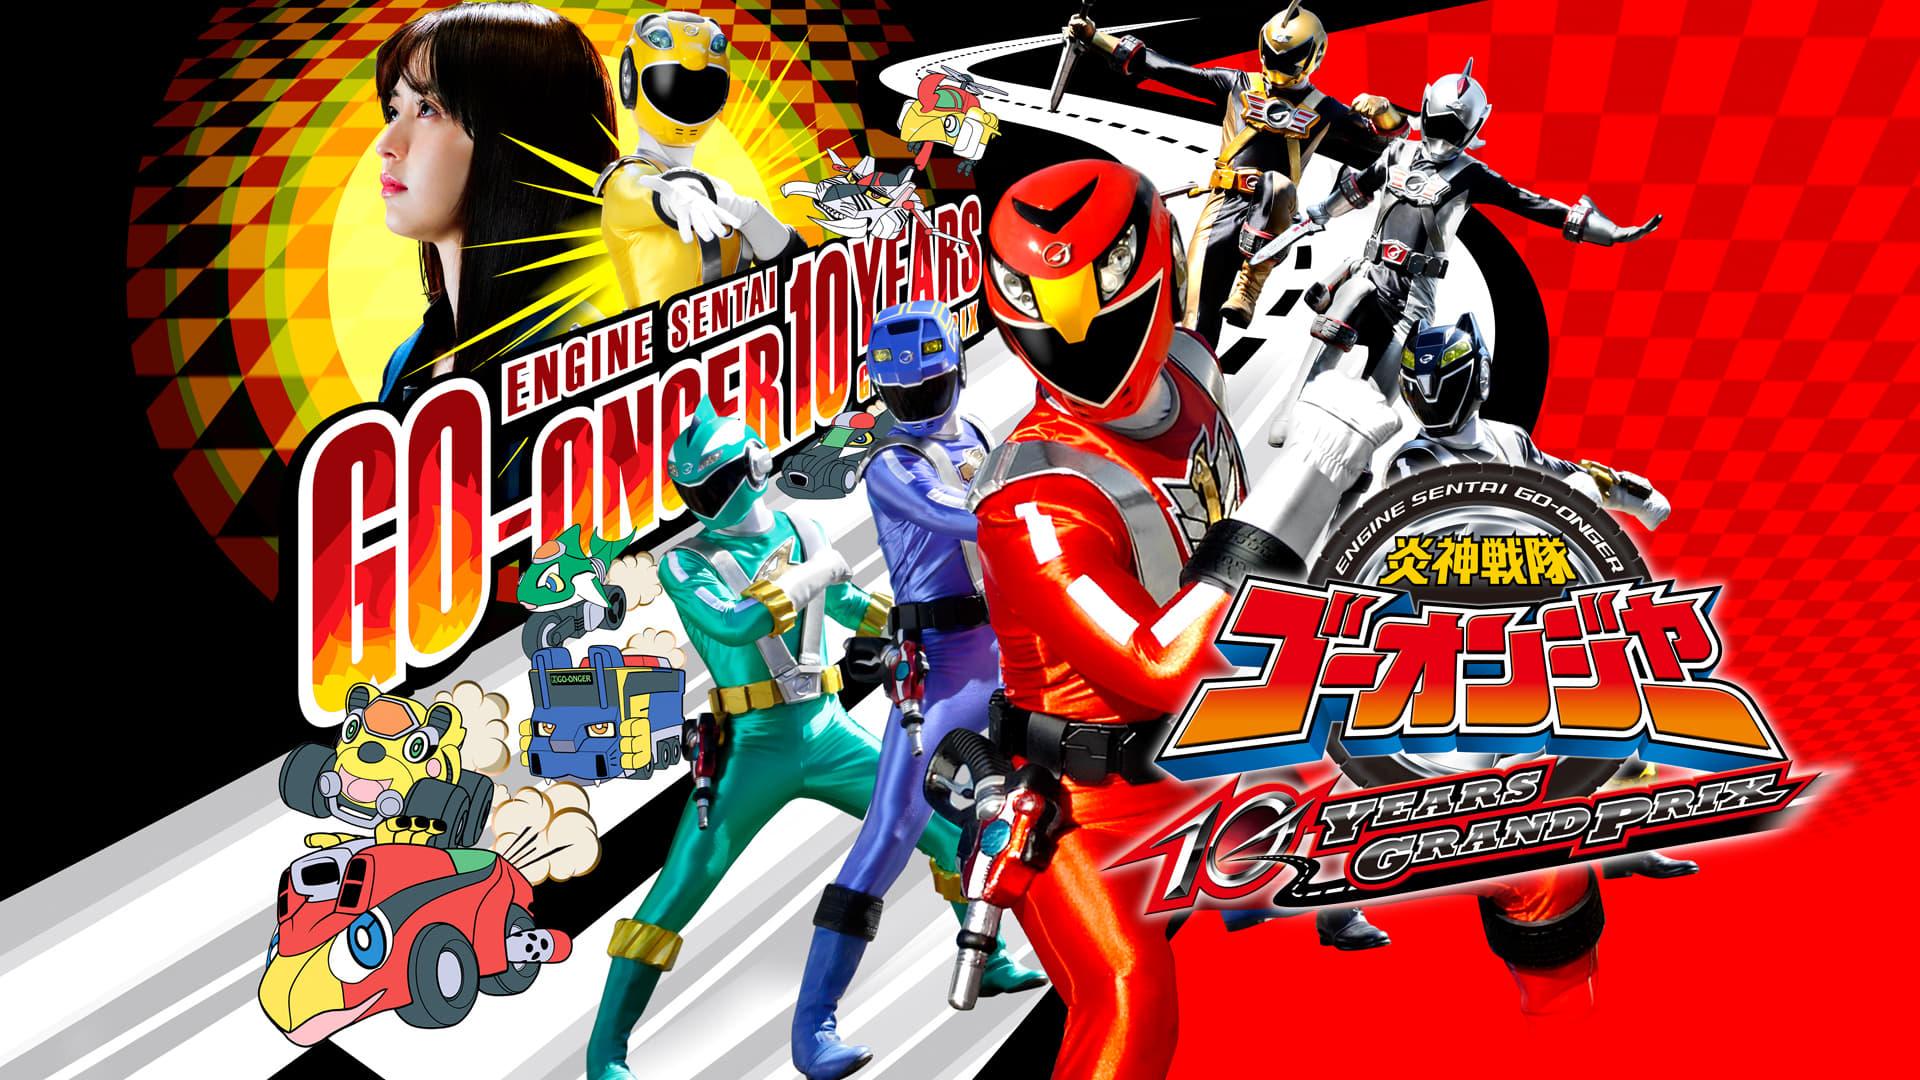 Engine Sentai Go Onger 10 Years Grand Prix 1